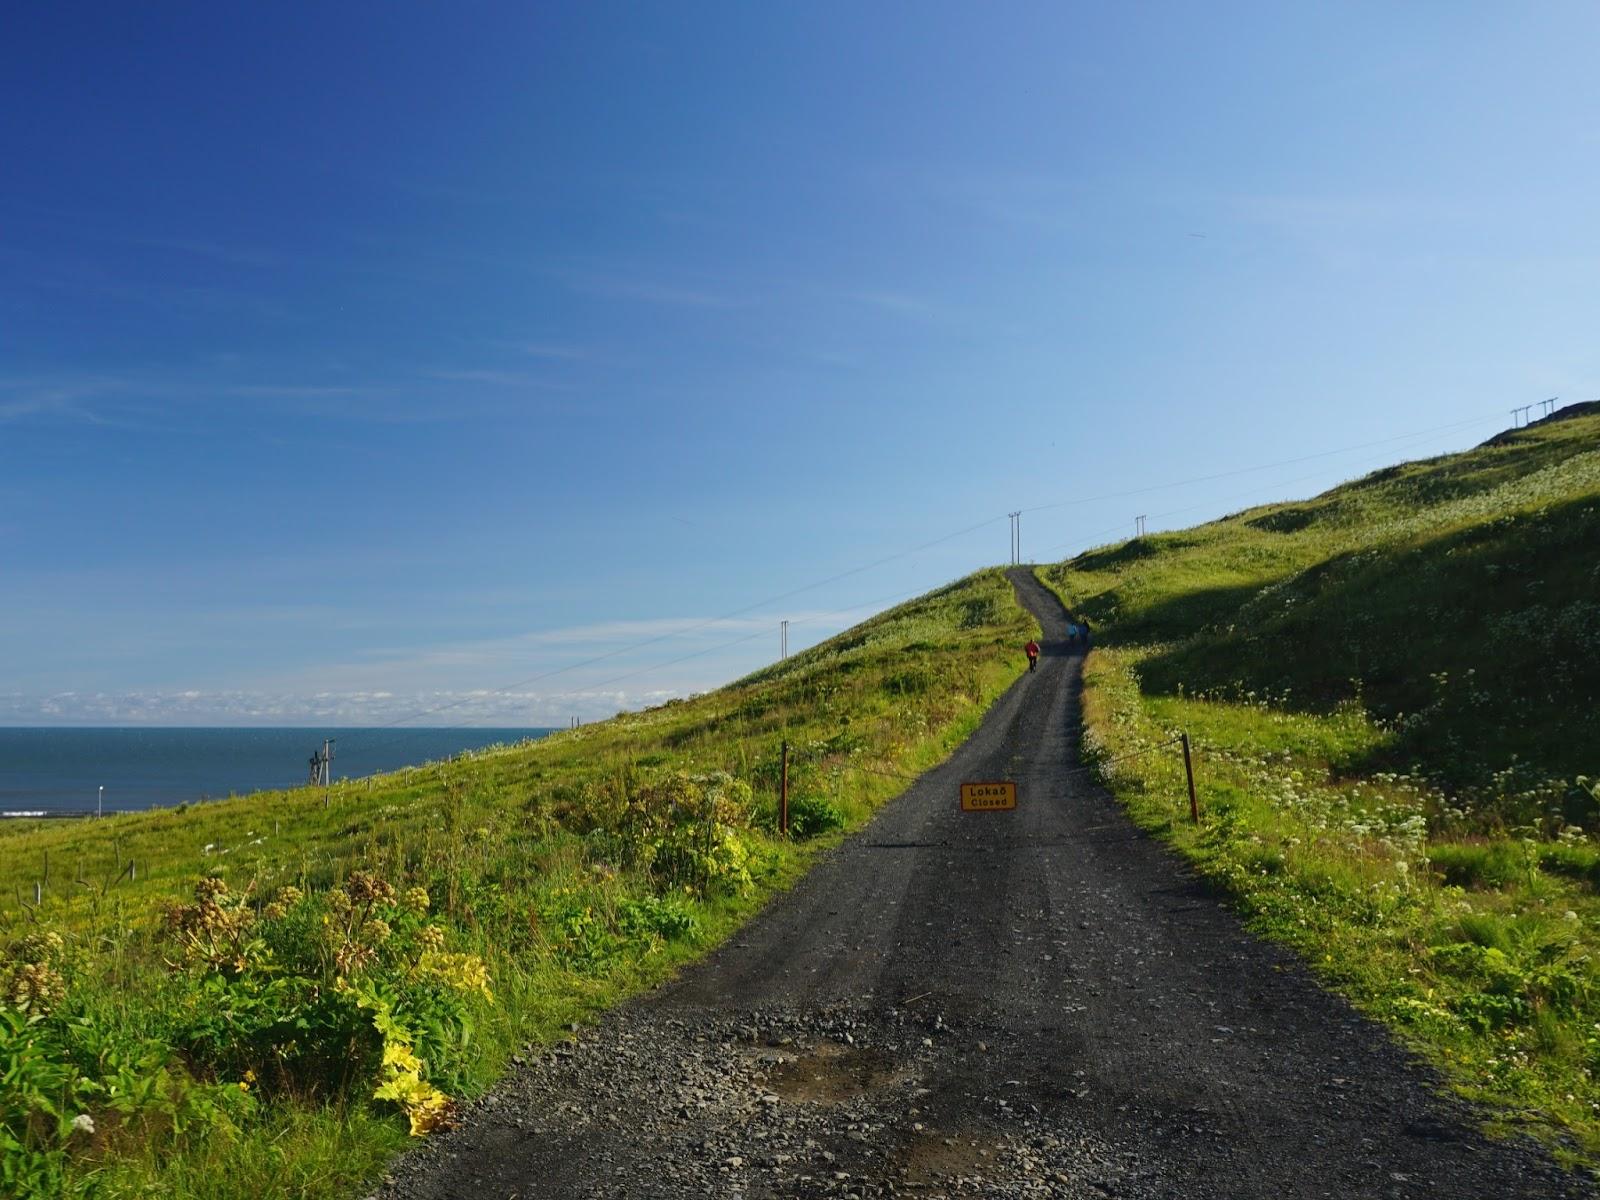 Islandia, islandzka droga, islandzki krajobraz, co zwiedzić w Islandii, atrakcje Islandii